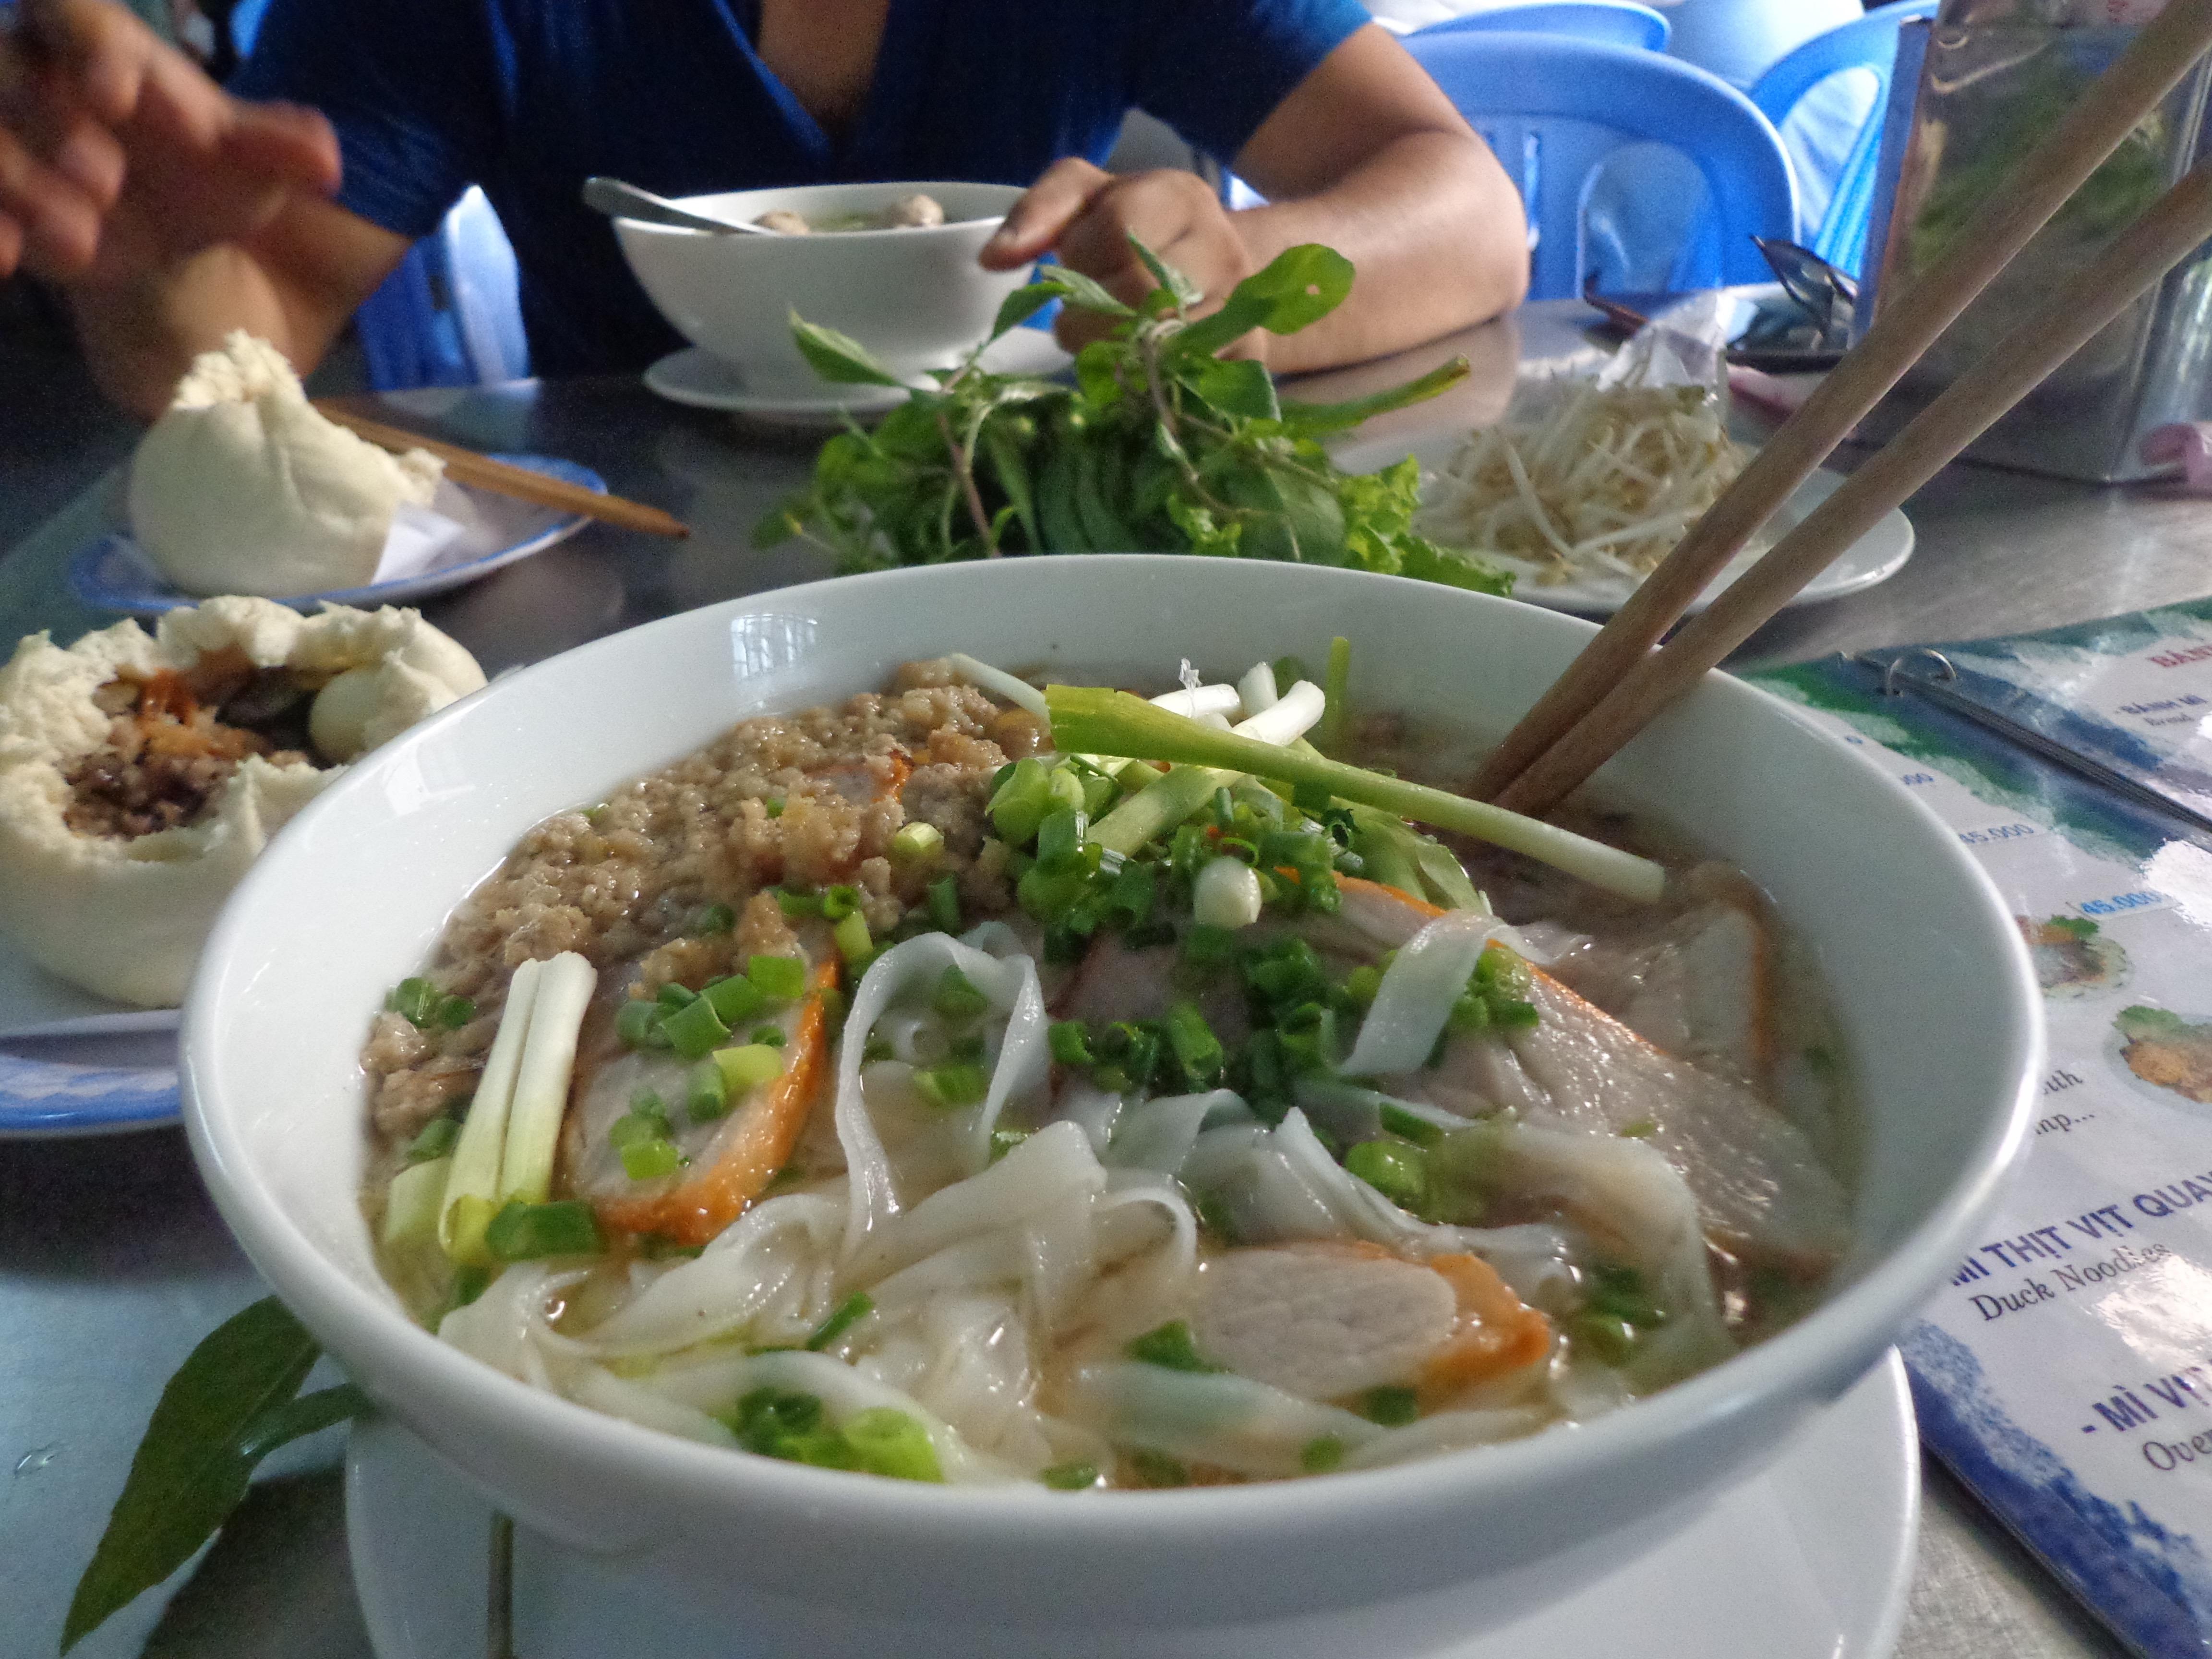 The Pho and Mi at Pho Saigon.